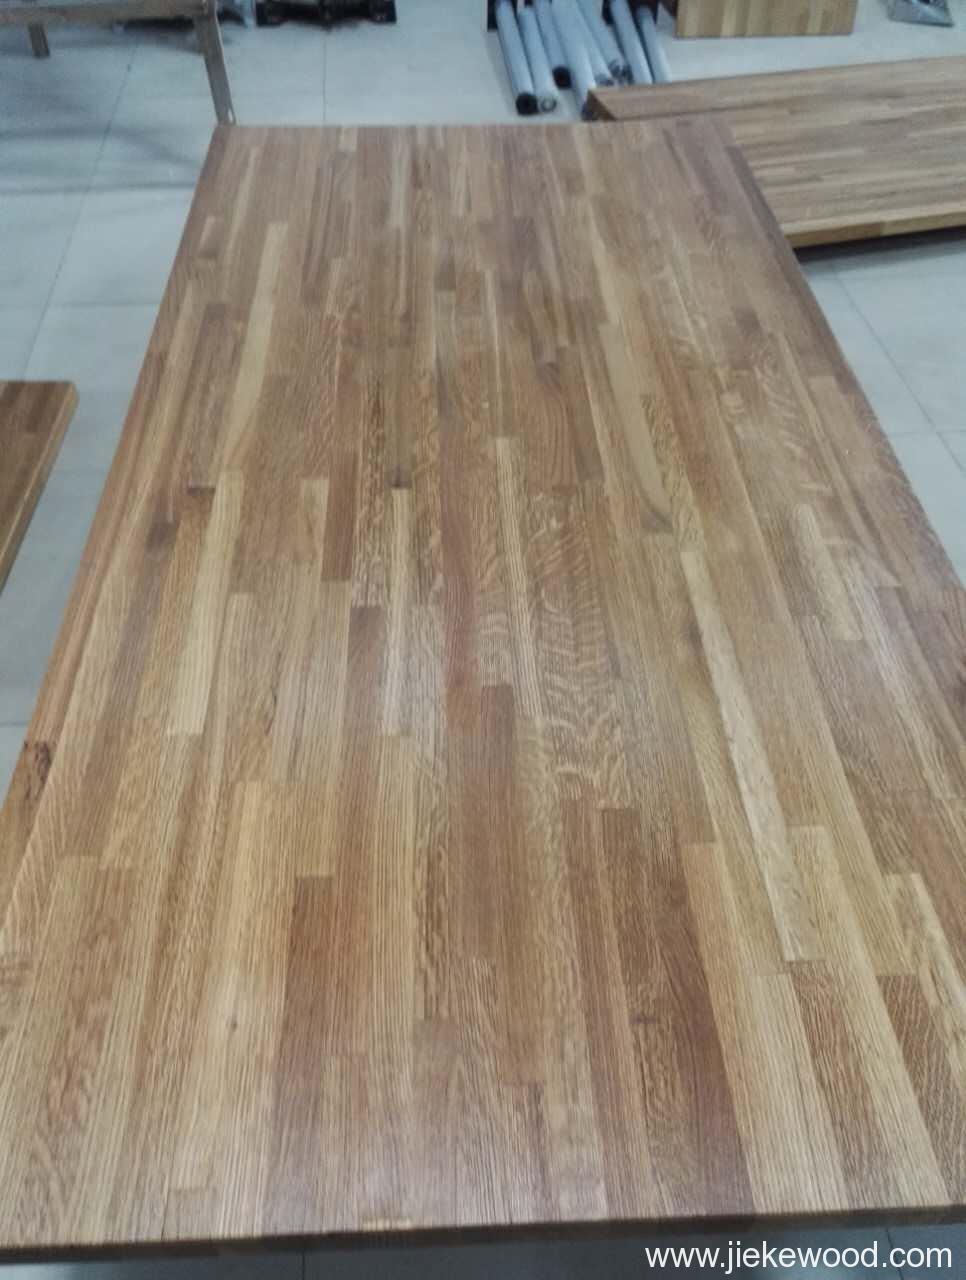 Oak Solid Wood Table Tops Wood Worktops Butcher Block